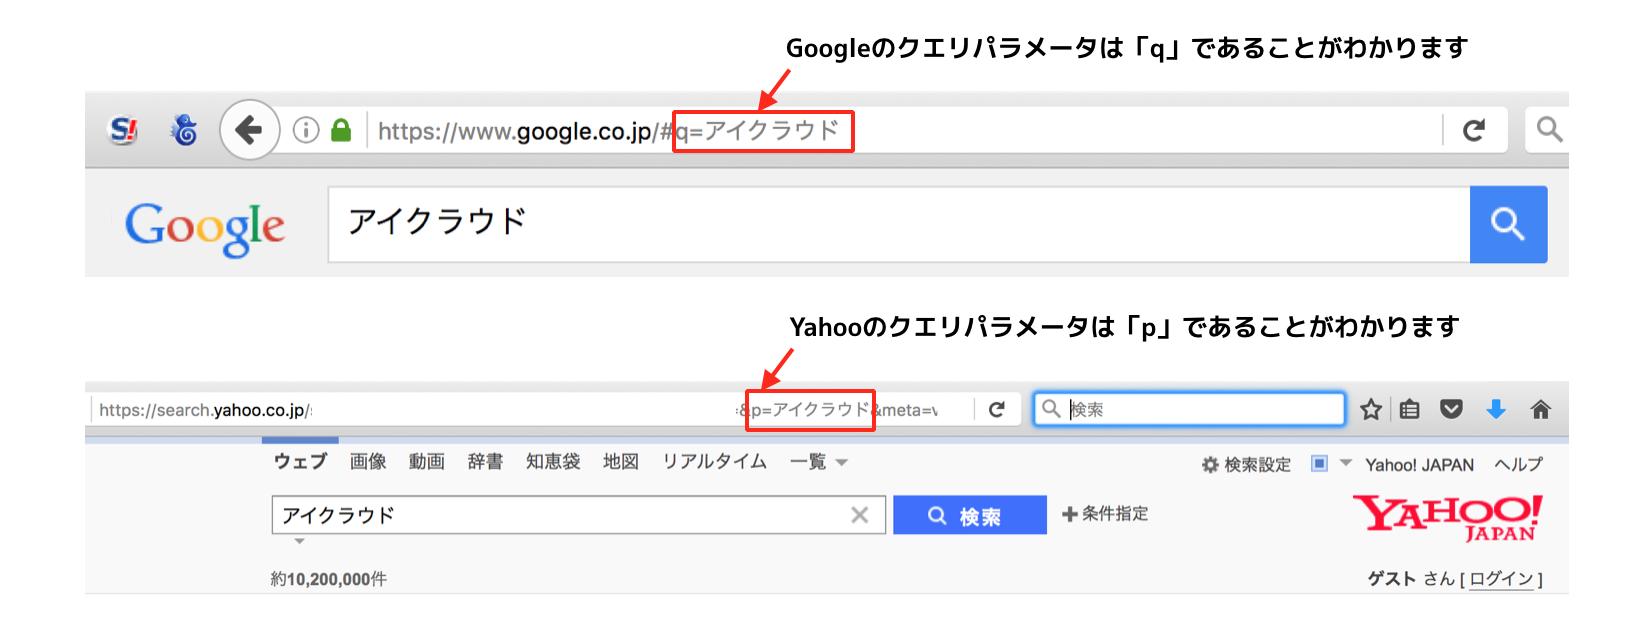 GoogleとYahooのクエリパラメータ